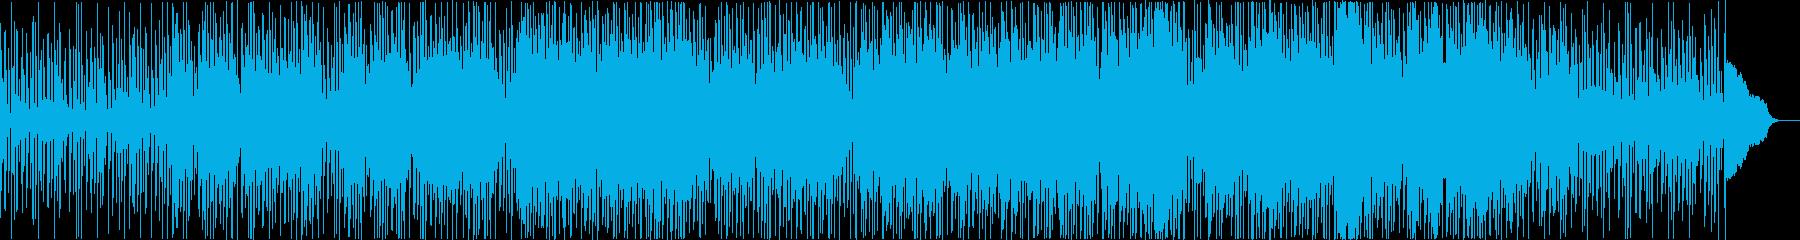 中国風のほのぼのとしたBGMの再生済みの波形